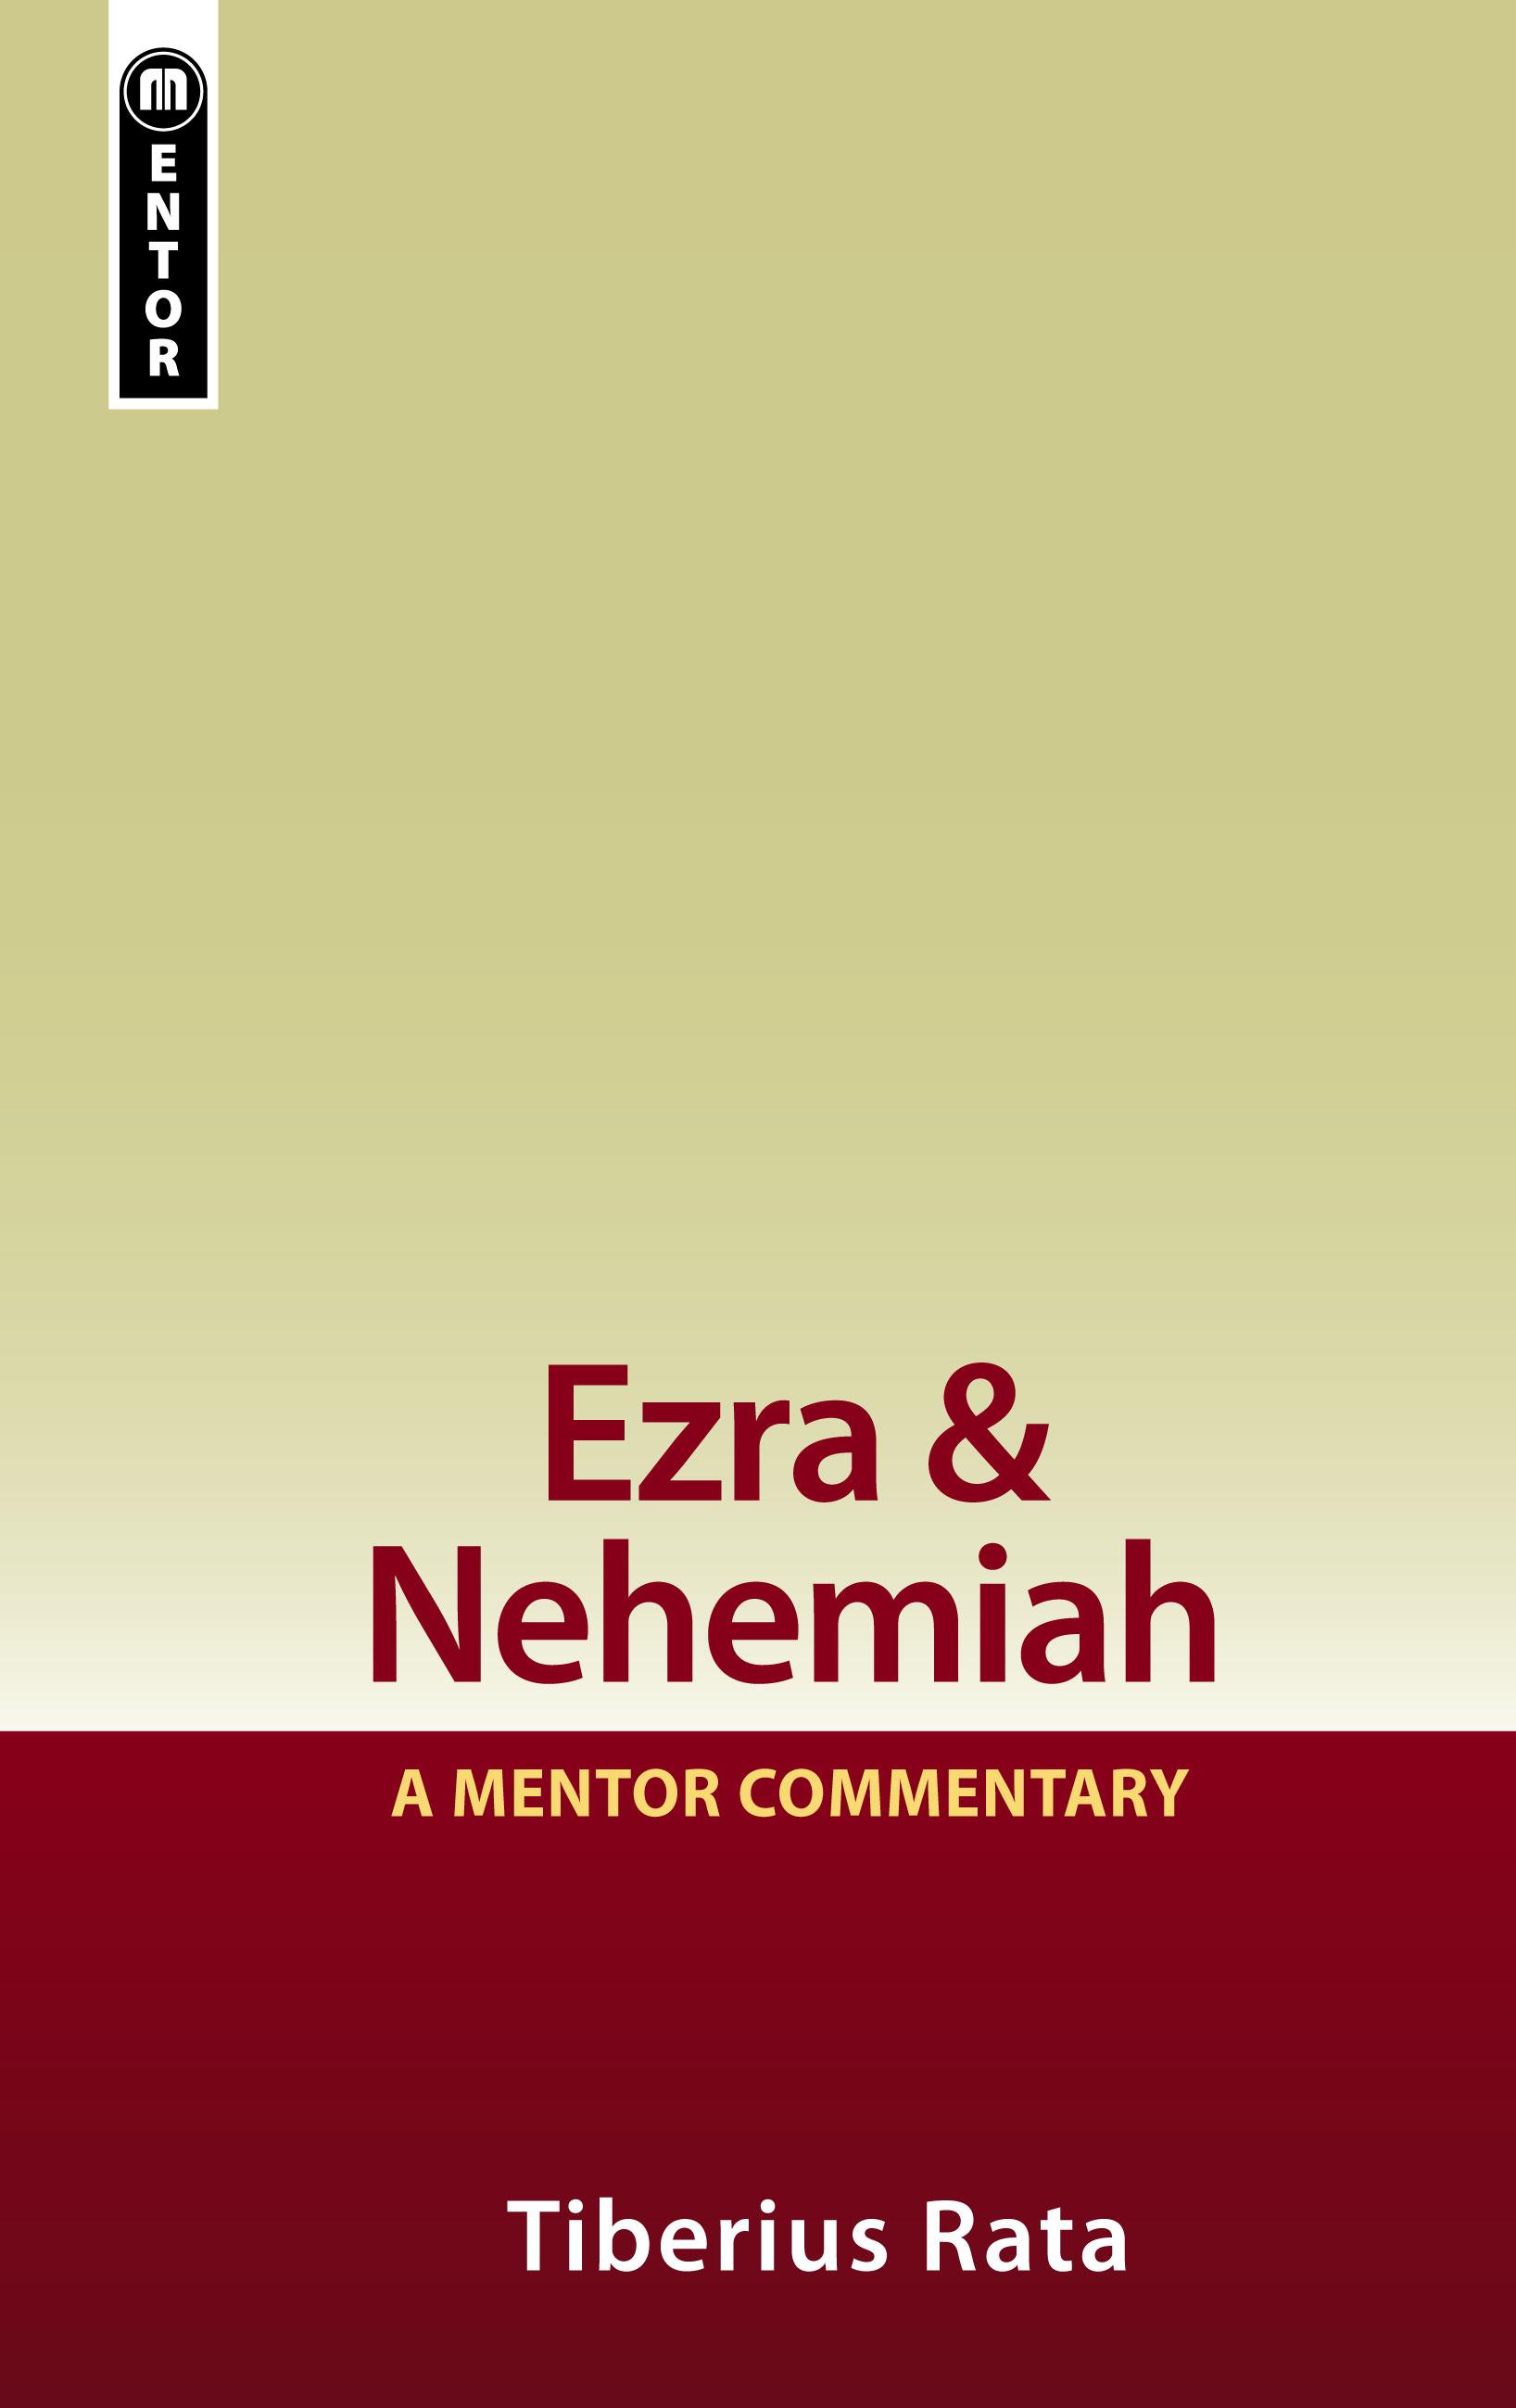 MC: Ezra & Nehemiah